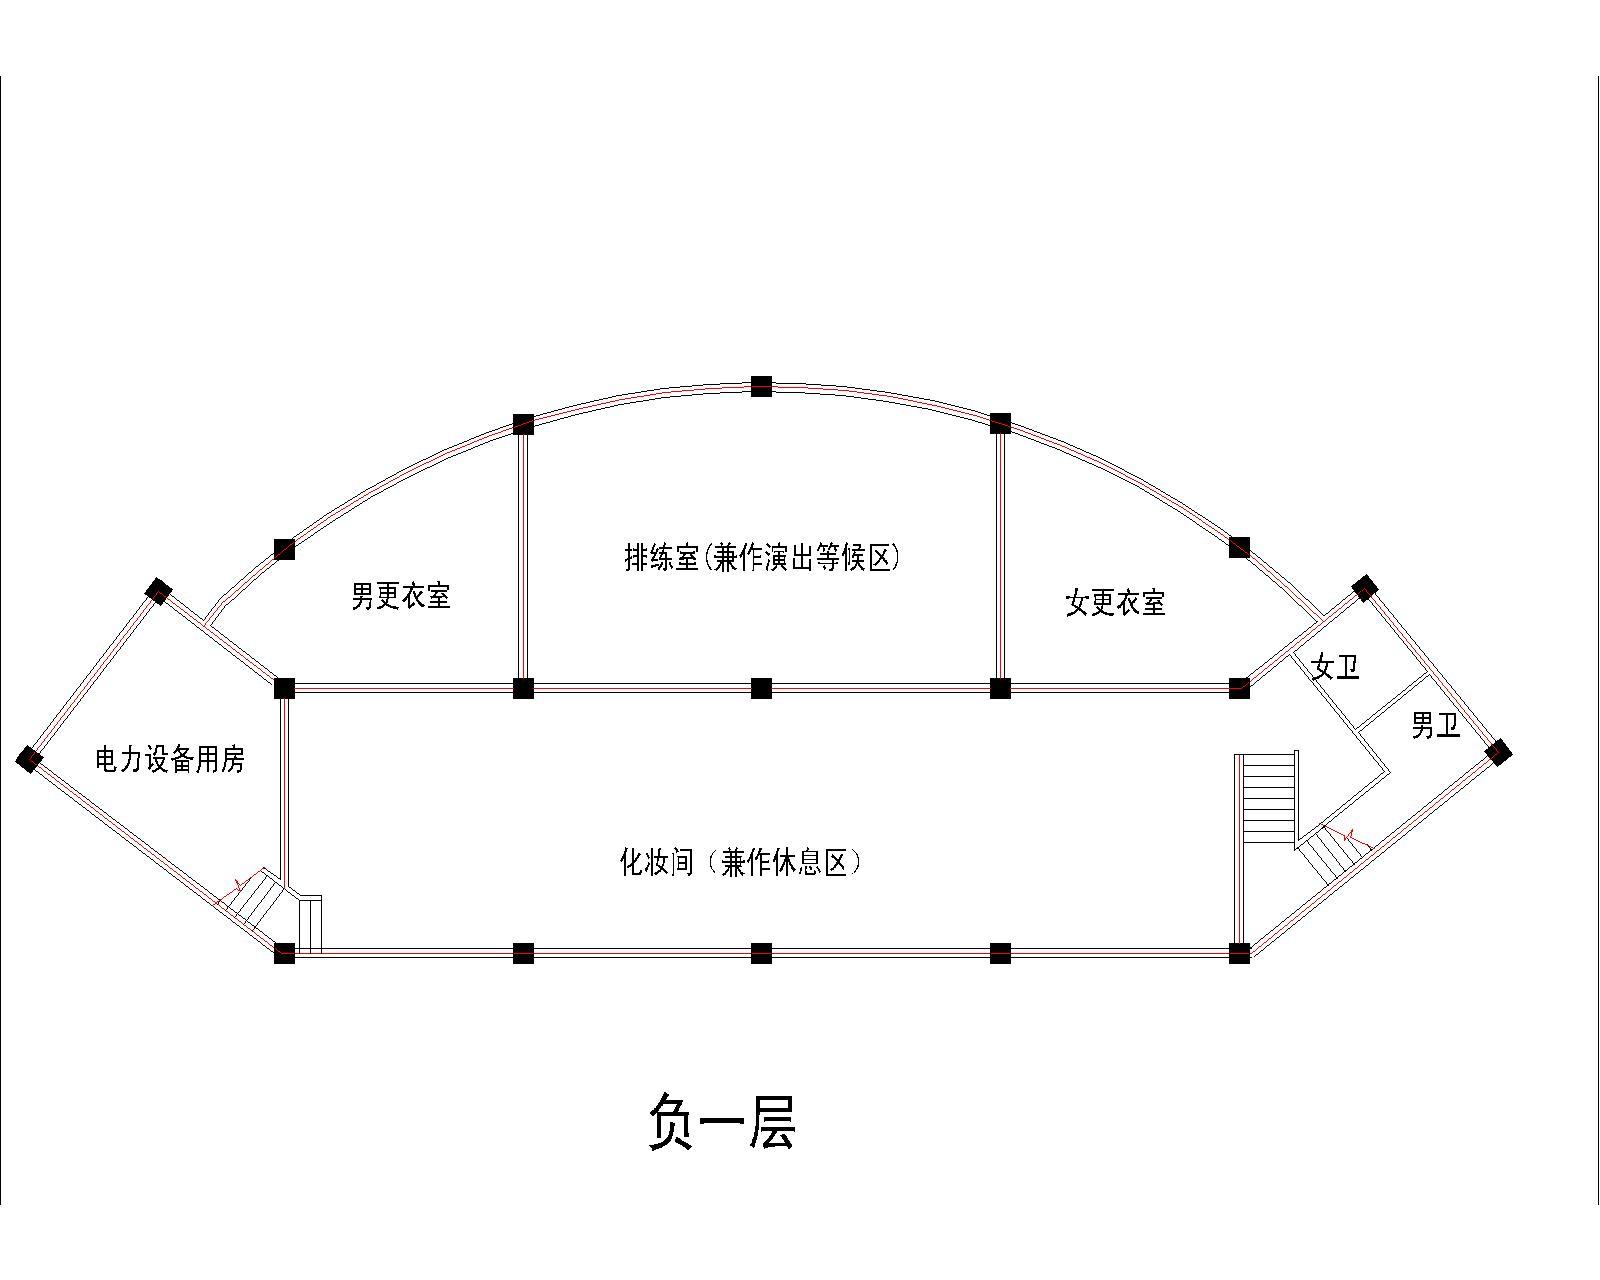 露天剧场舞台概念方案